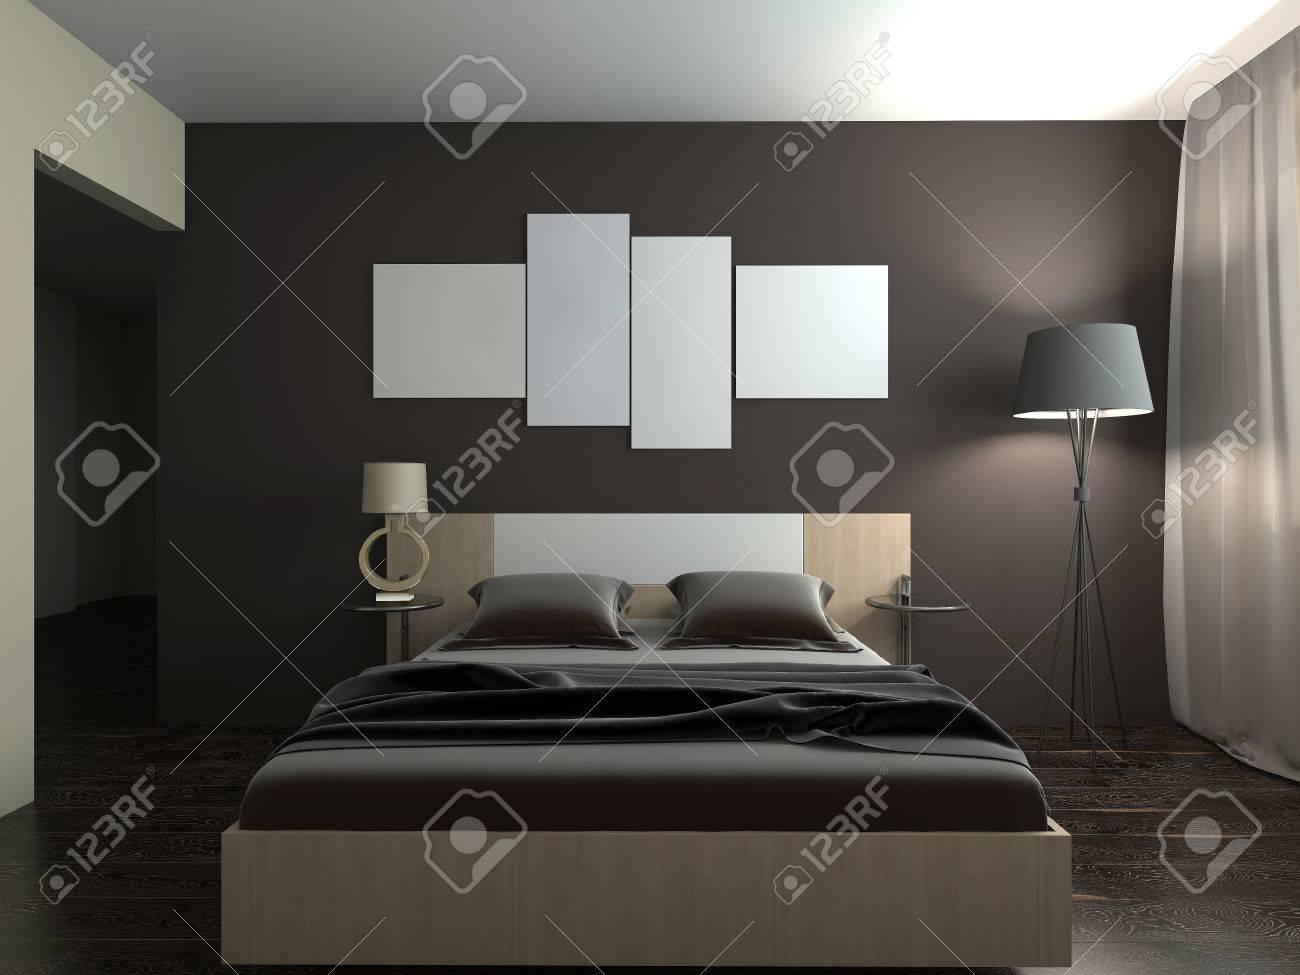 Intérieur moderne d\'une chambre à coucher rendu 3D